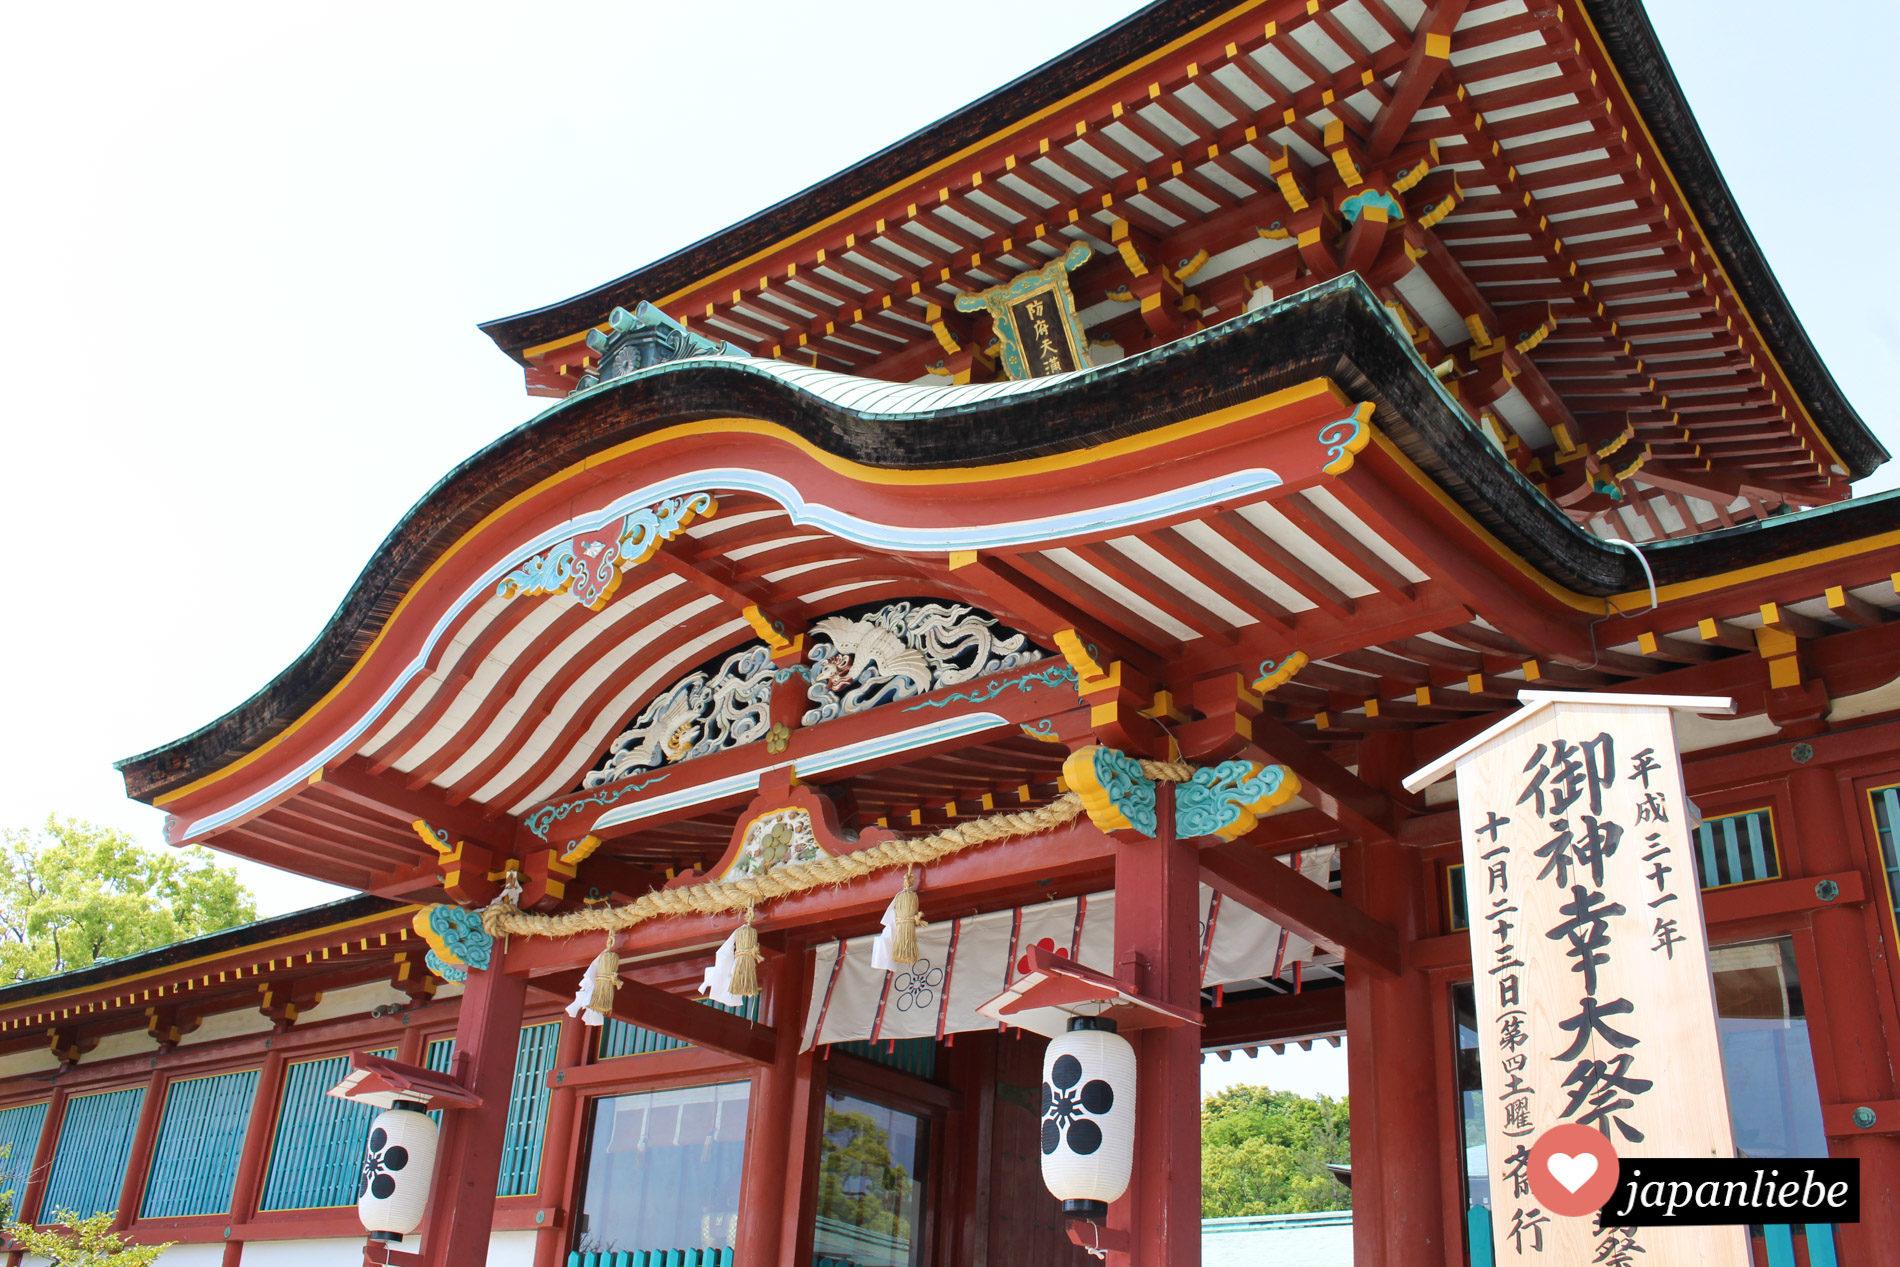 Das Eingangstor ist leuchtend rot und prächtig mit Schnitzereien geschmückt.